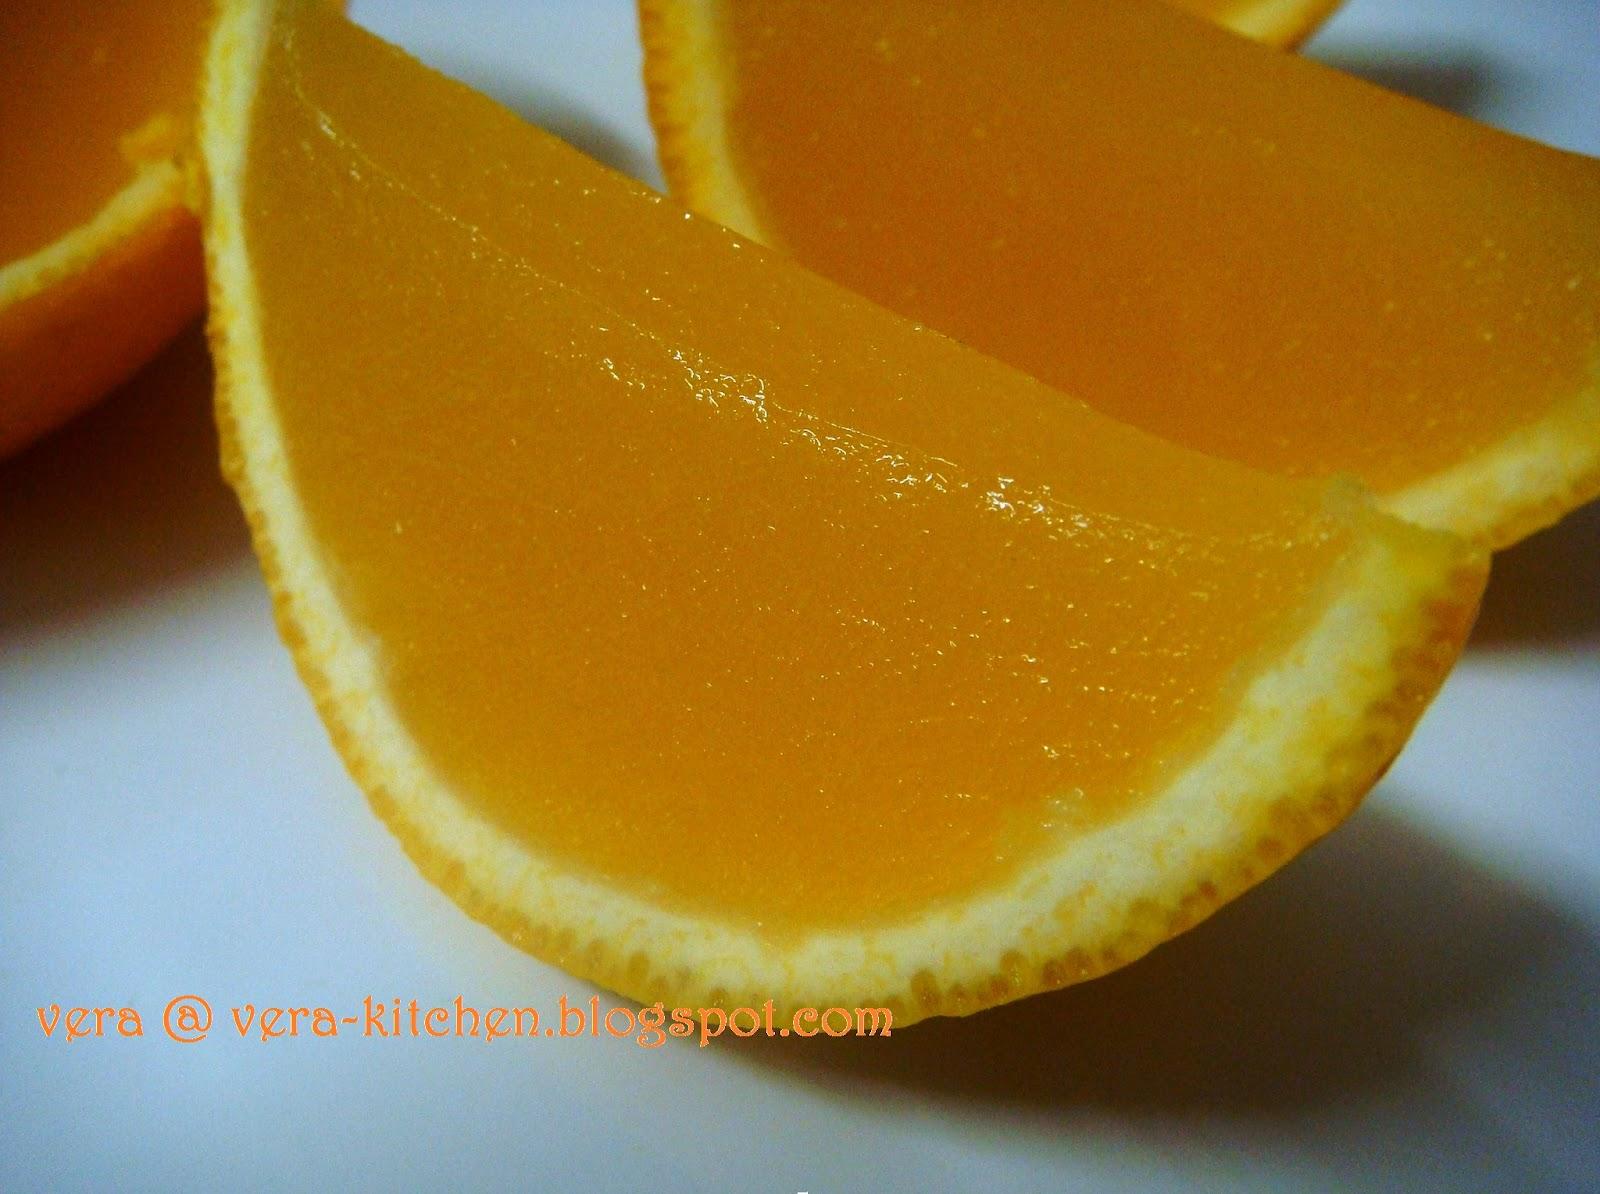 gelatina de agar agar